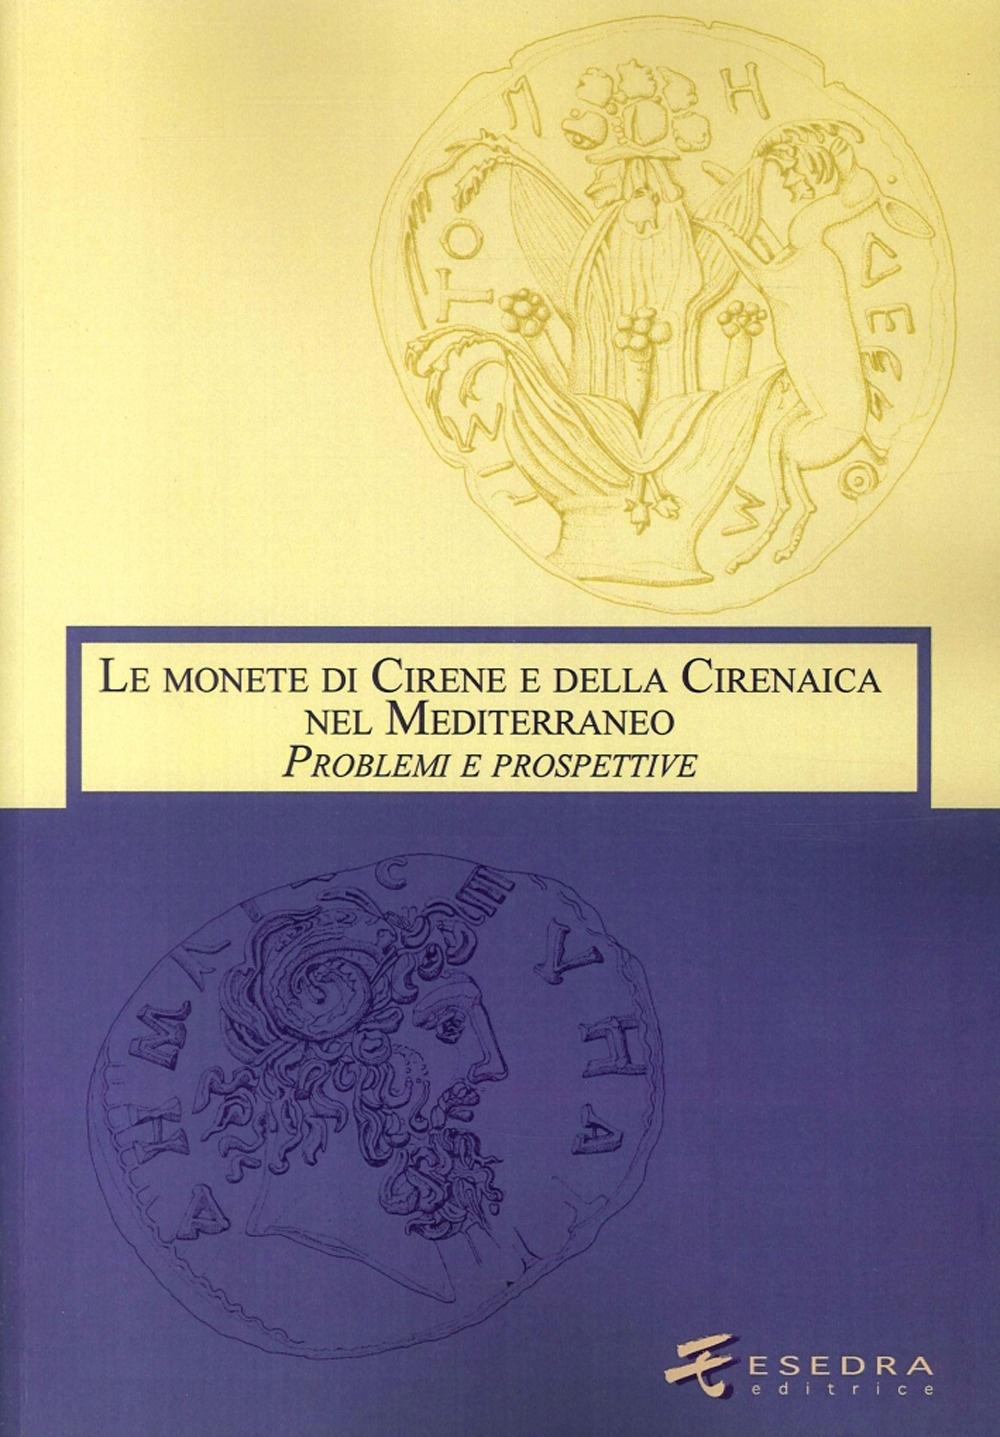 Le Monete di Cirene e della Cirenaica nel Mediterraneo. Problemi e Prospettive.